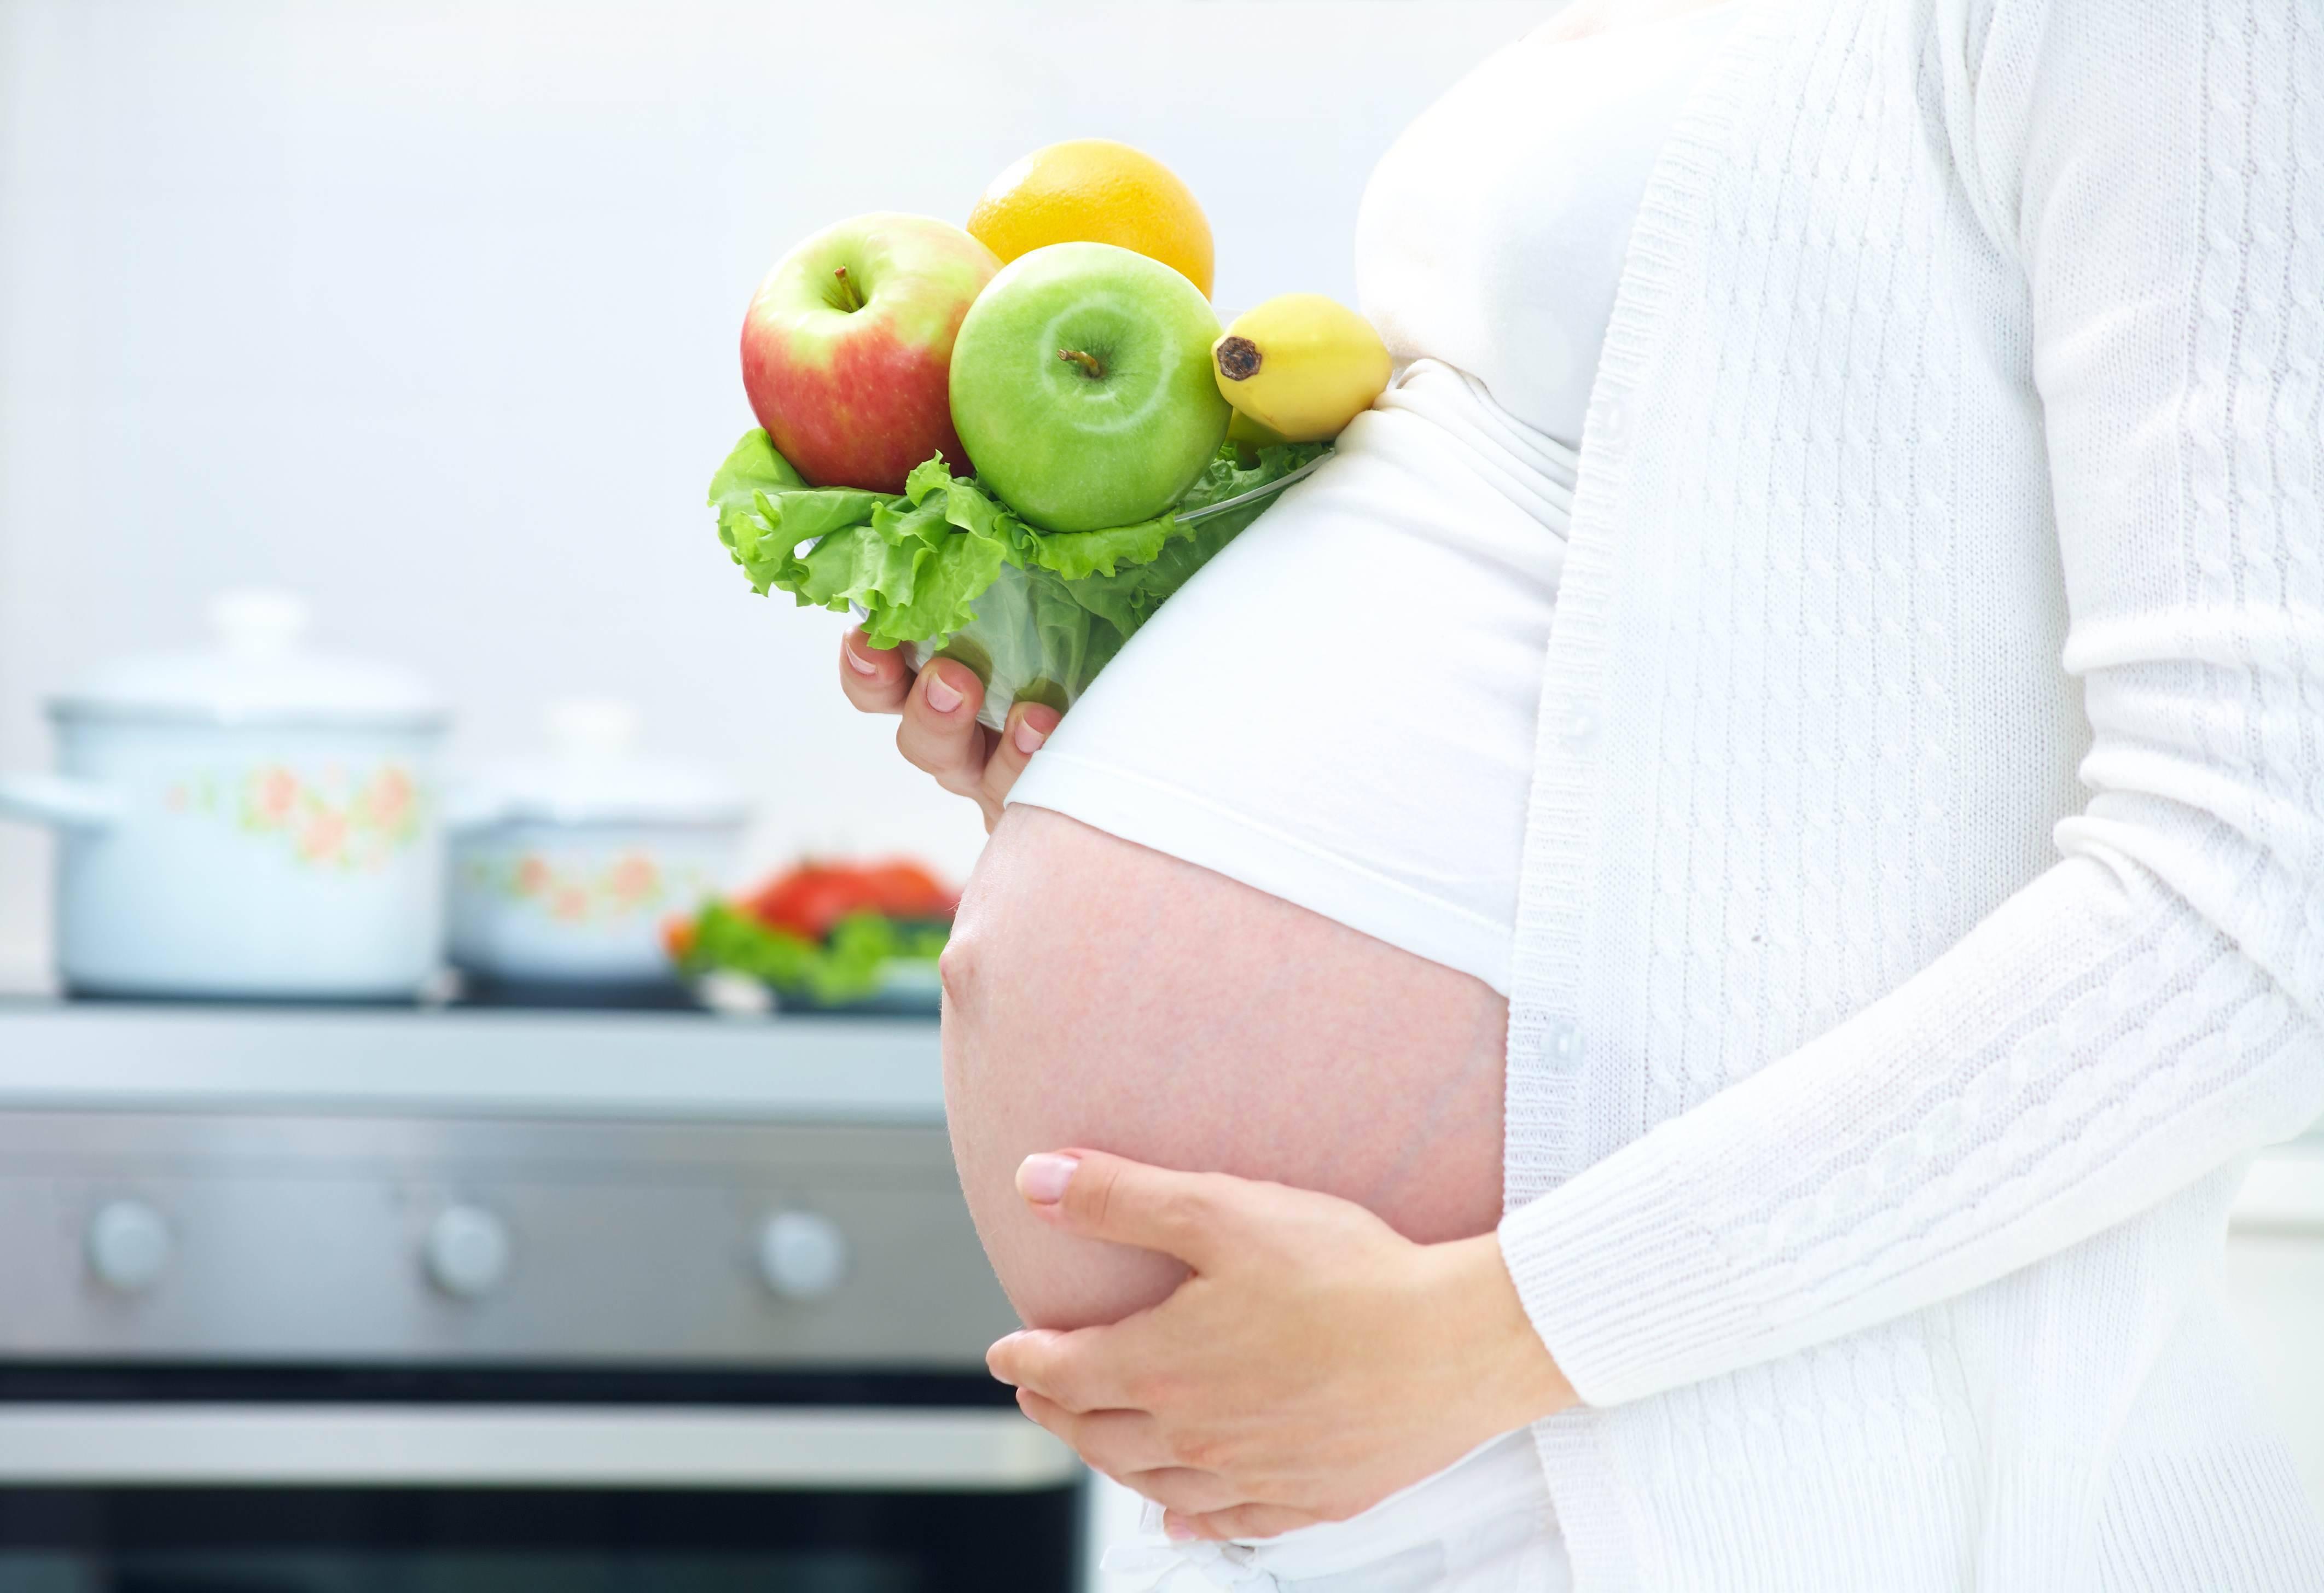 Вегетарианство и беременность: обязательно ли есть мясо?